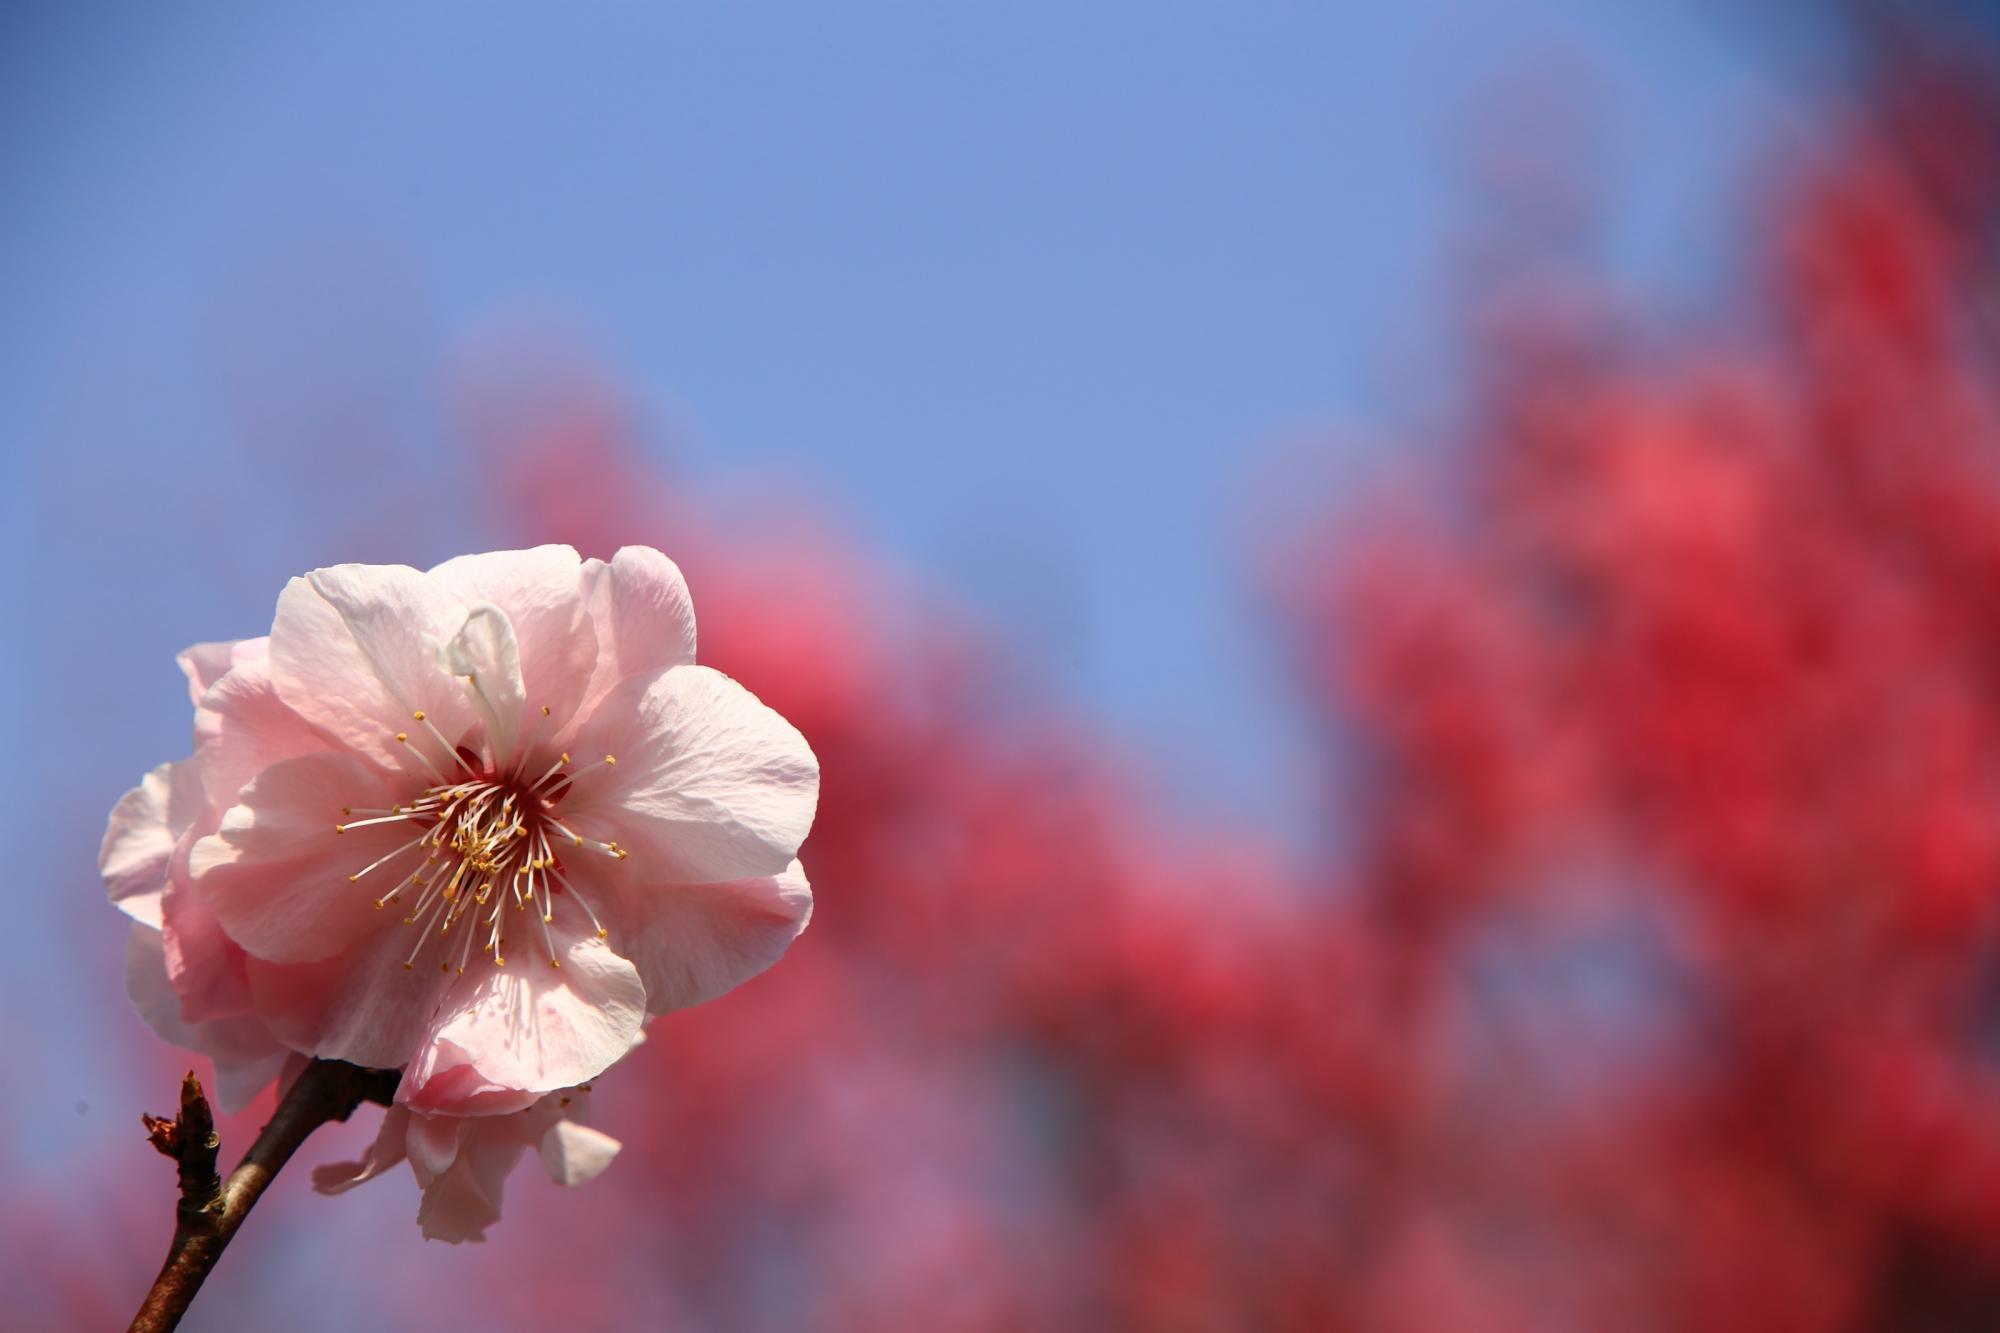 太陽に照らされる可憐な薄いピンクの梅の花